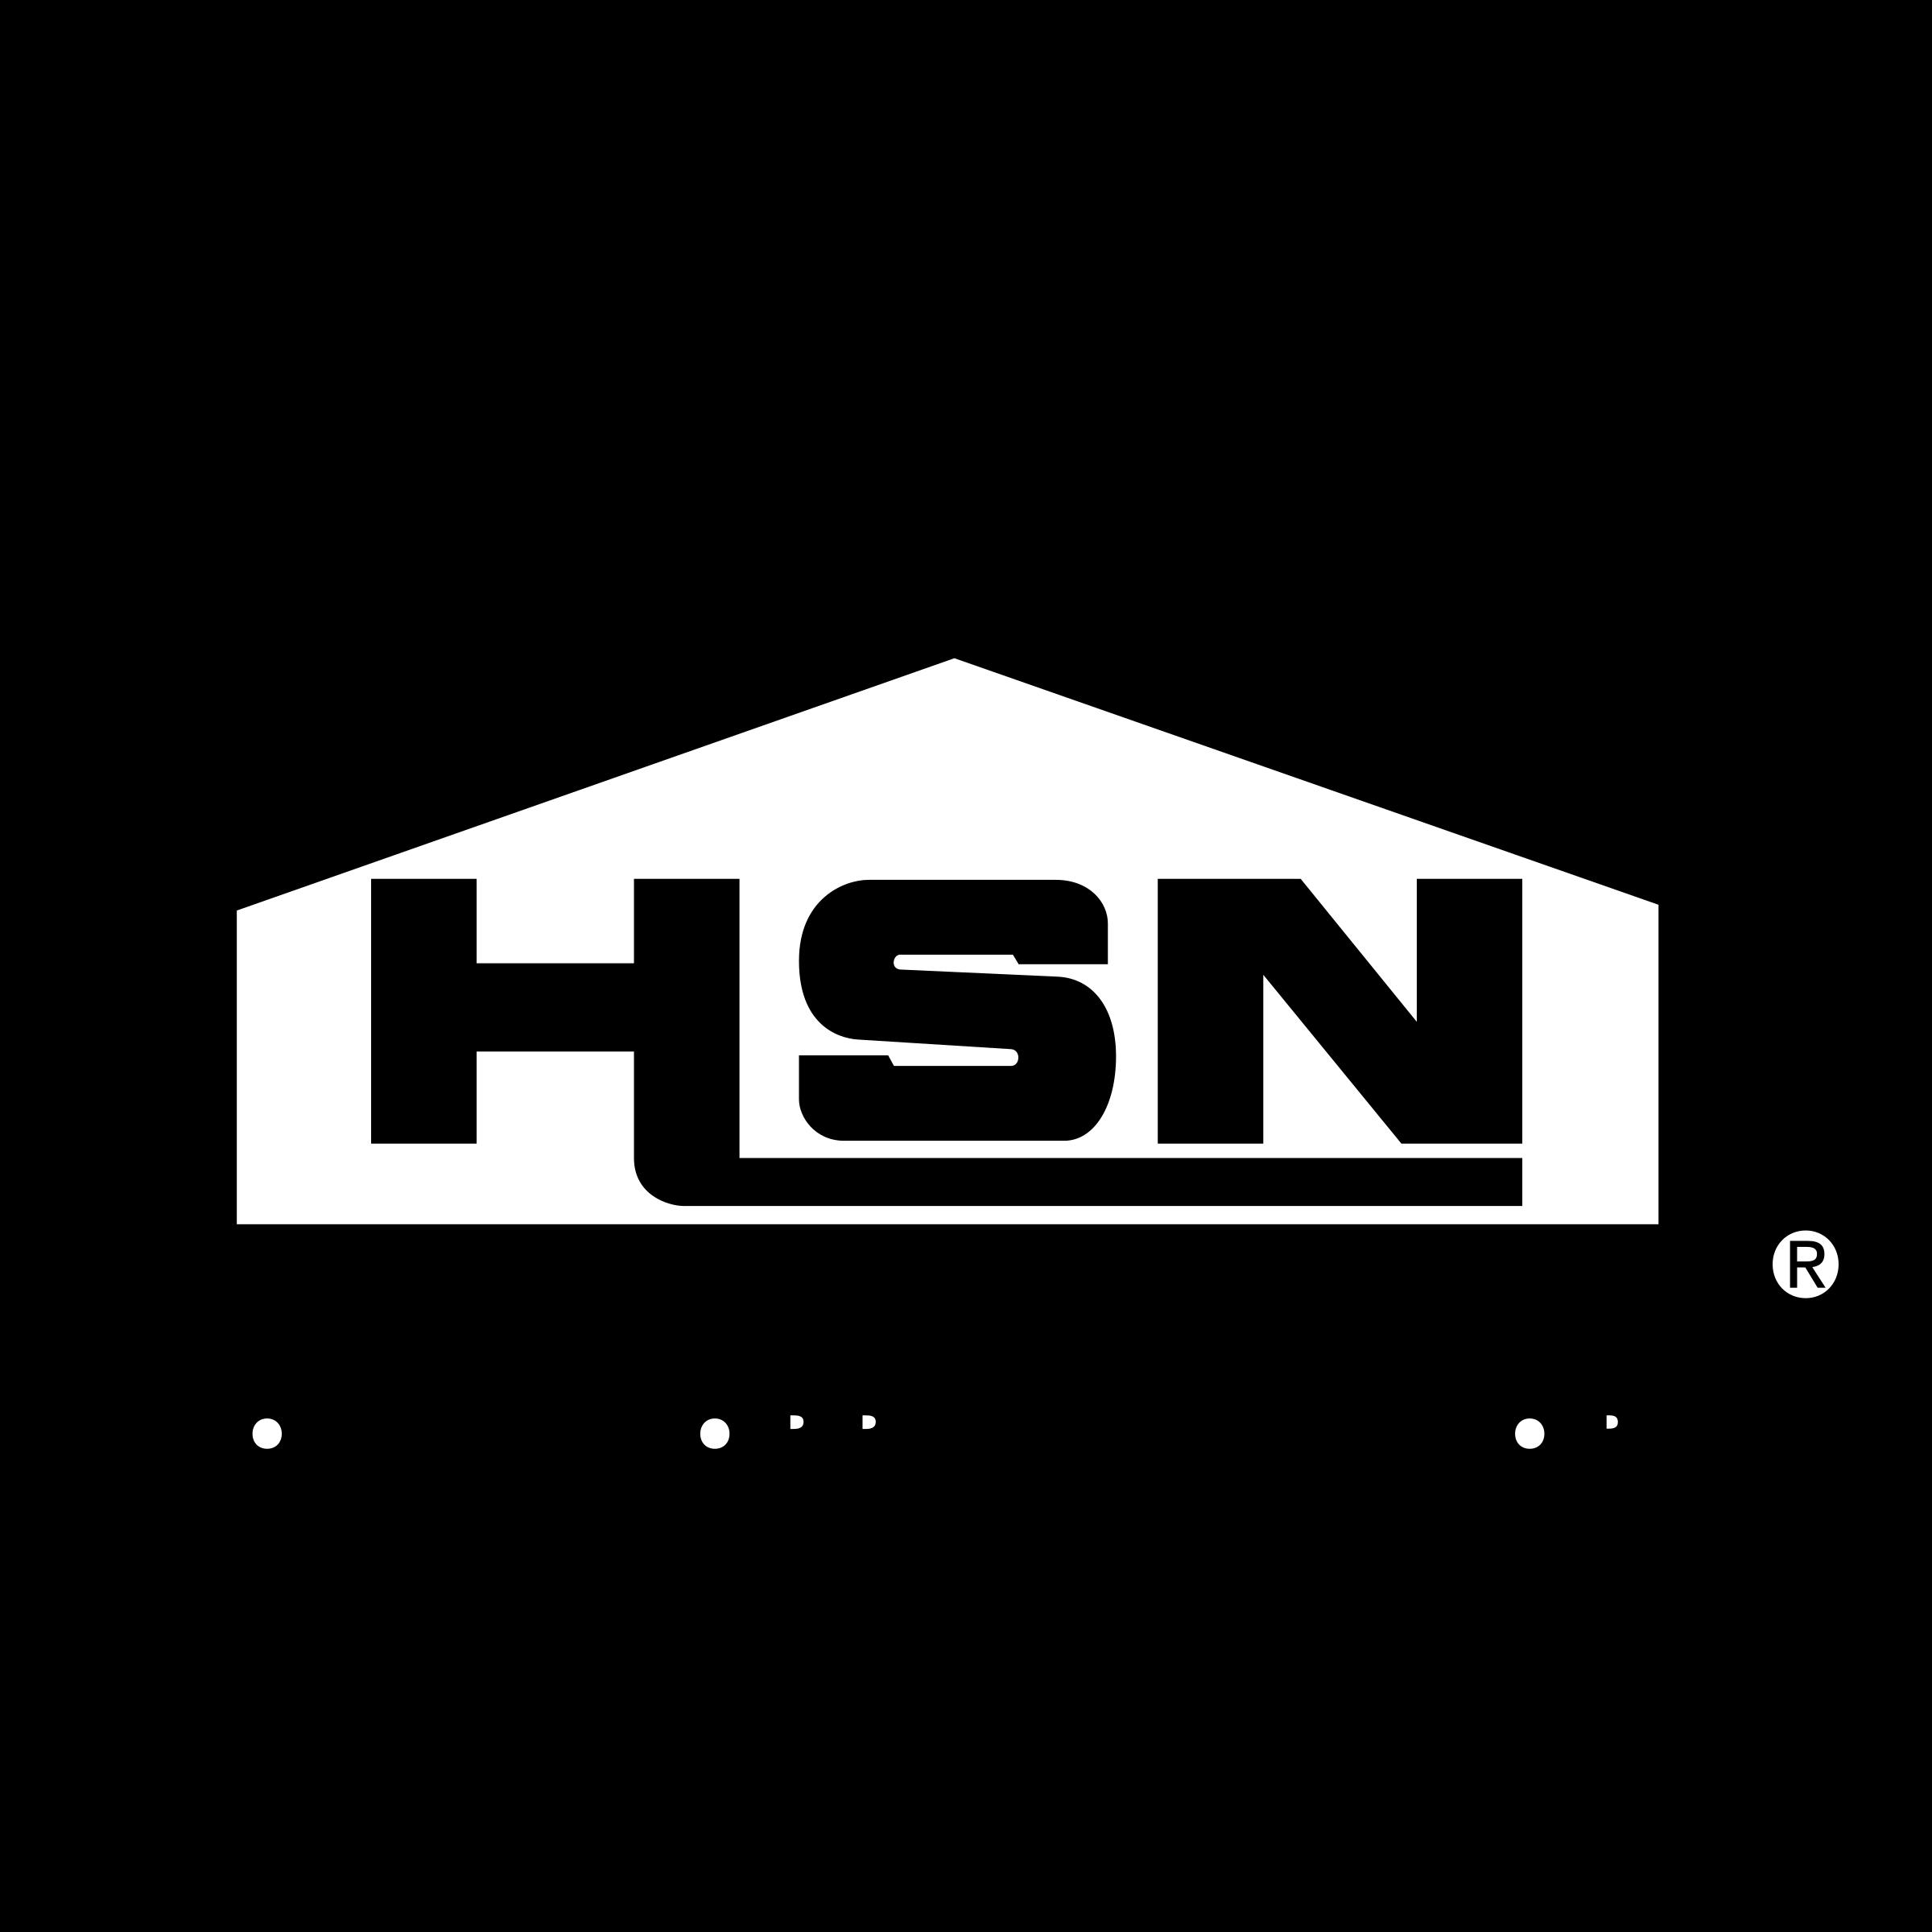 HSN Logo PNG Transparent & SVG Vector - Freebie Supply